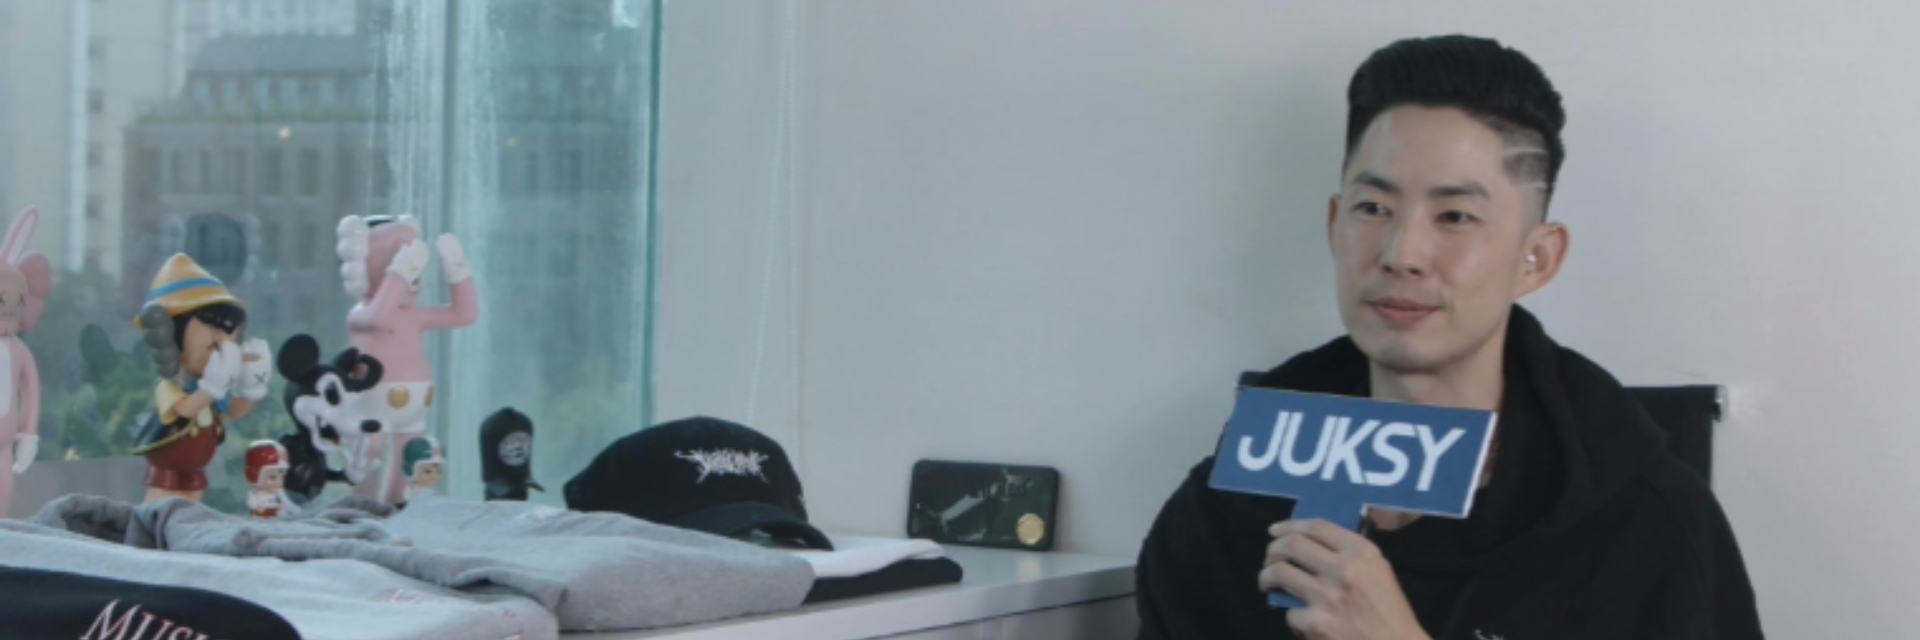 吳建豪暢談 READYMADE x Van Ness 設計靈感!大膽預測「這項元素」即將爆紅